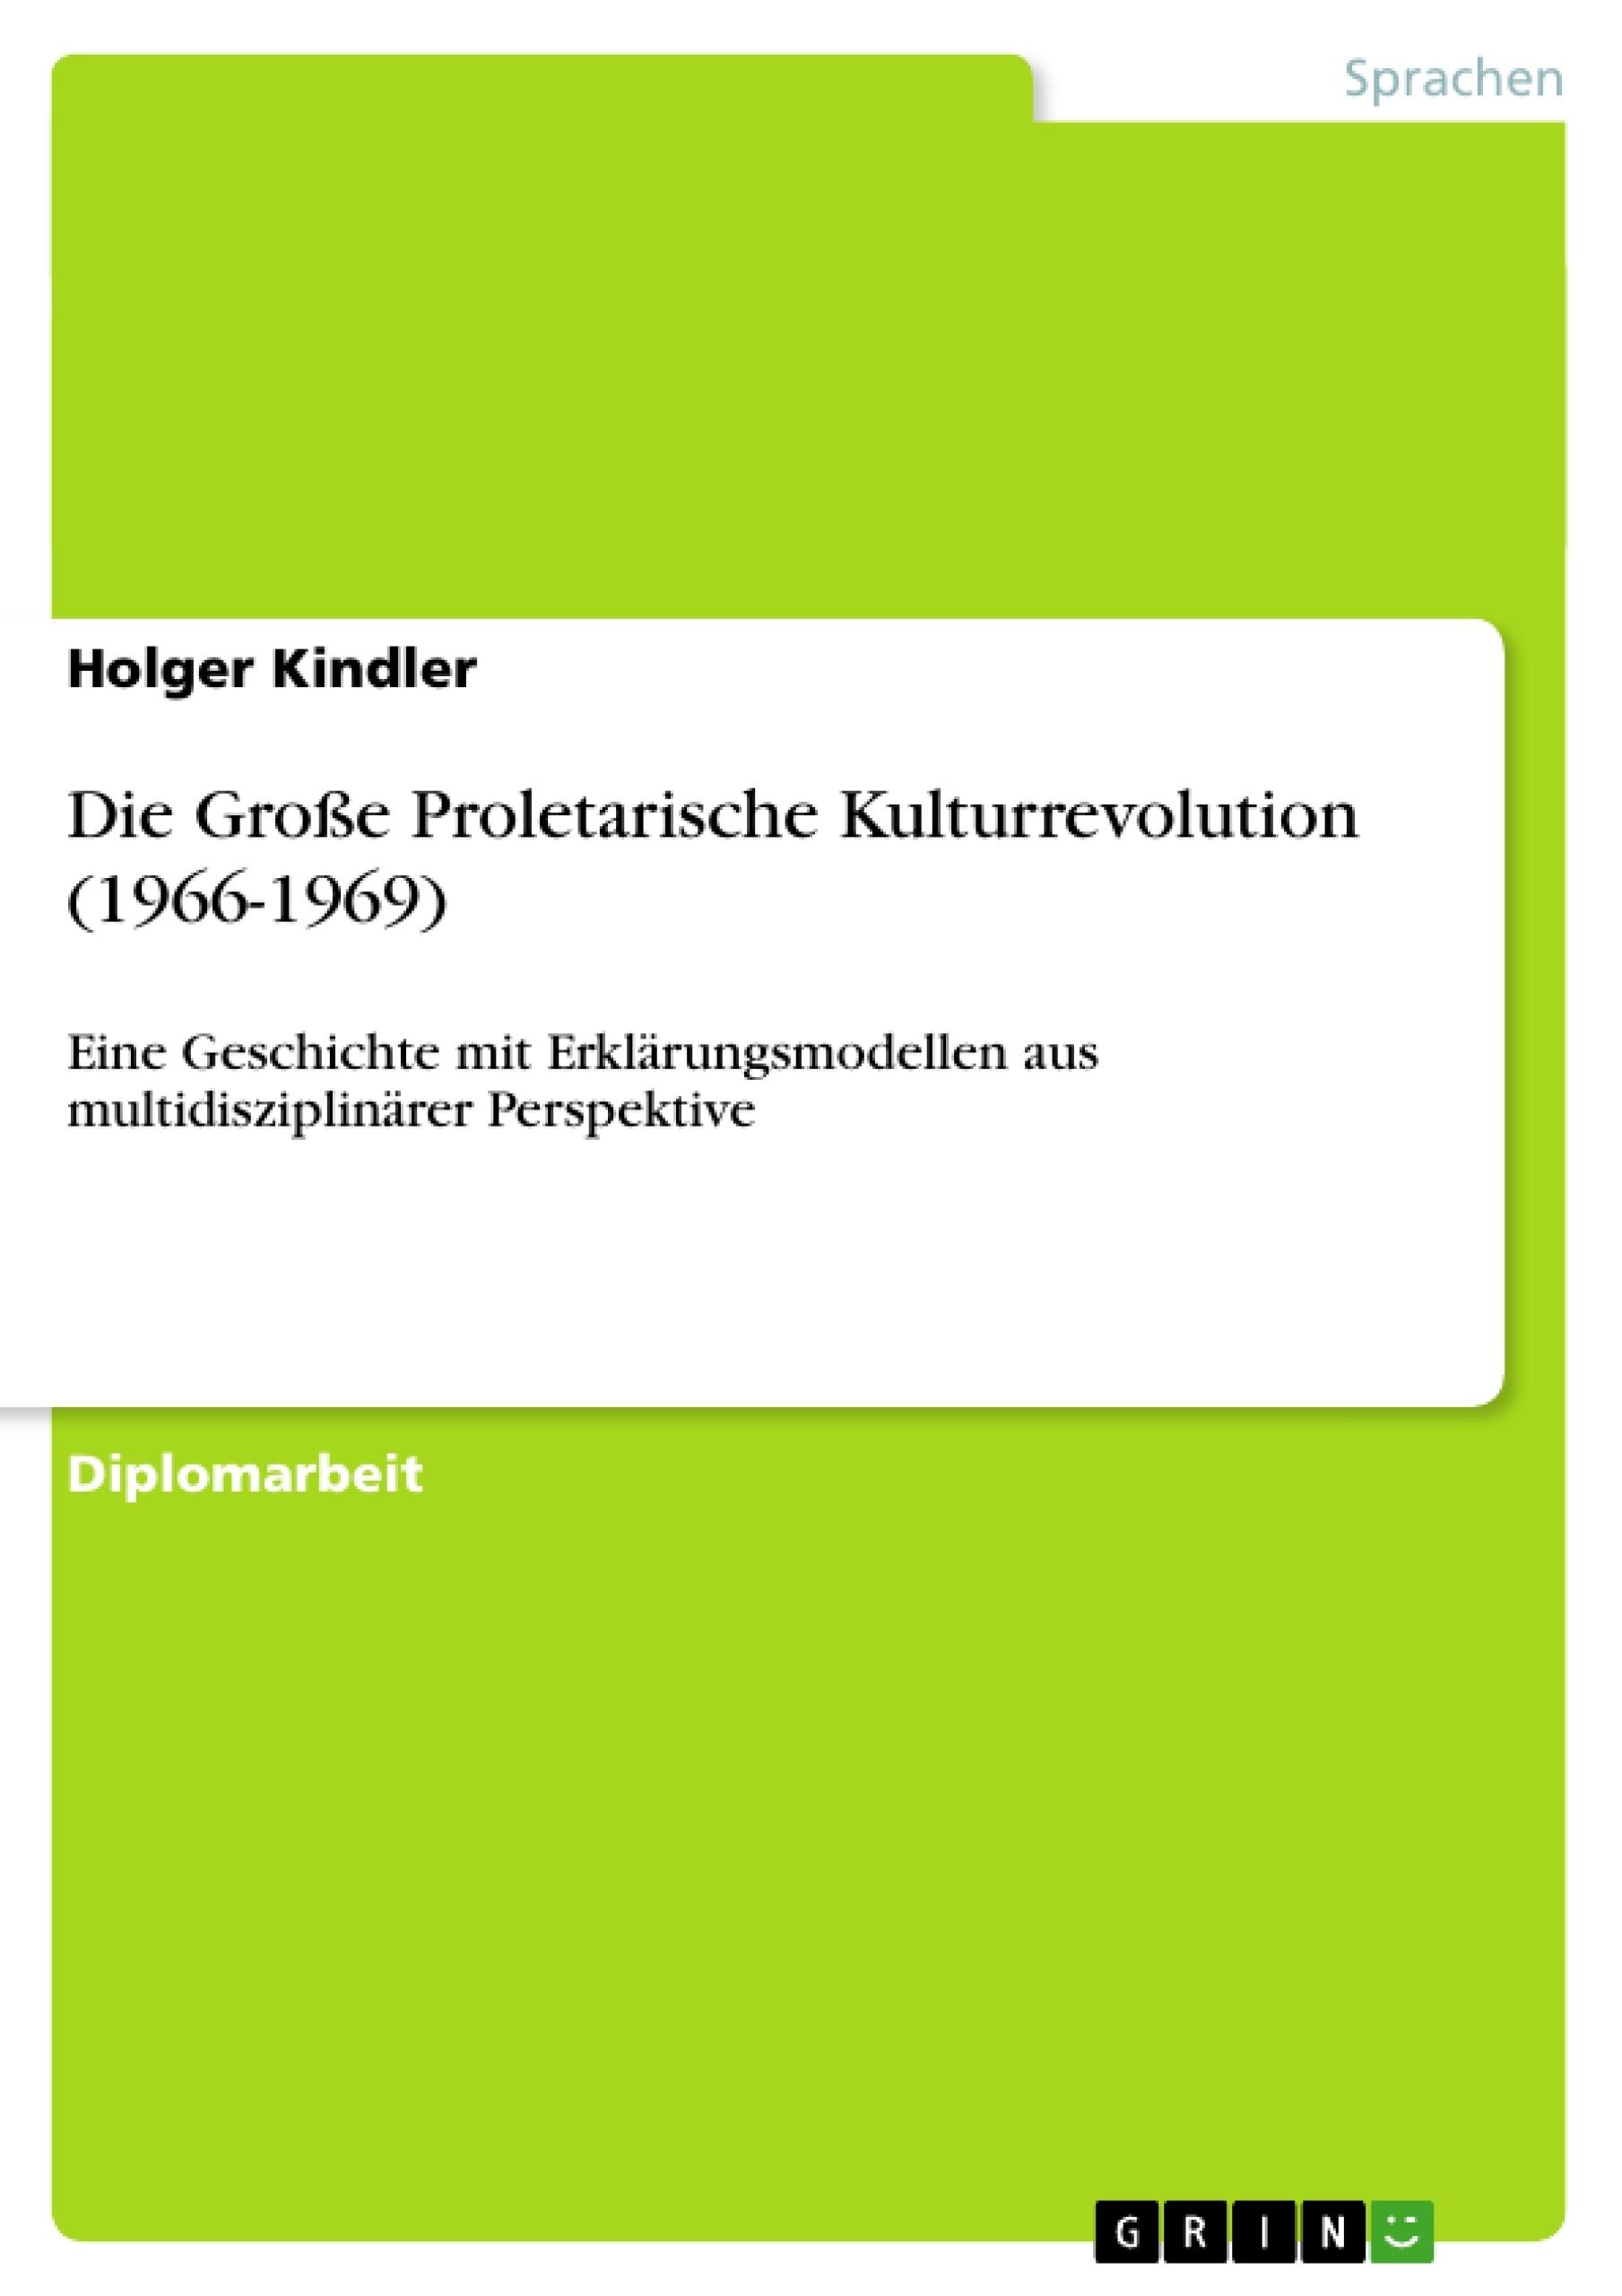 Titel: Die Große Proletarische Kulturrevolution (1966-1969)